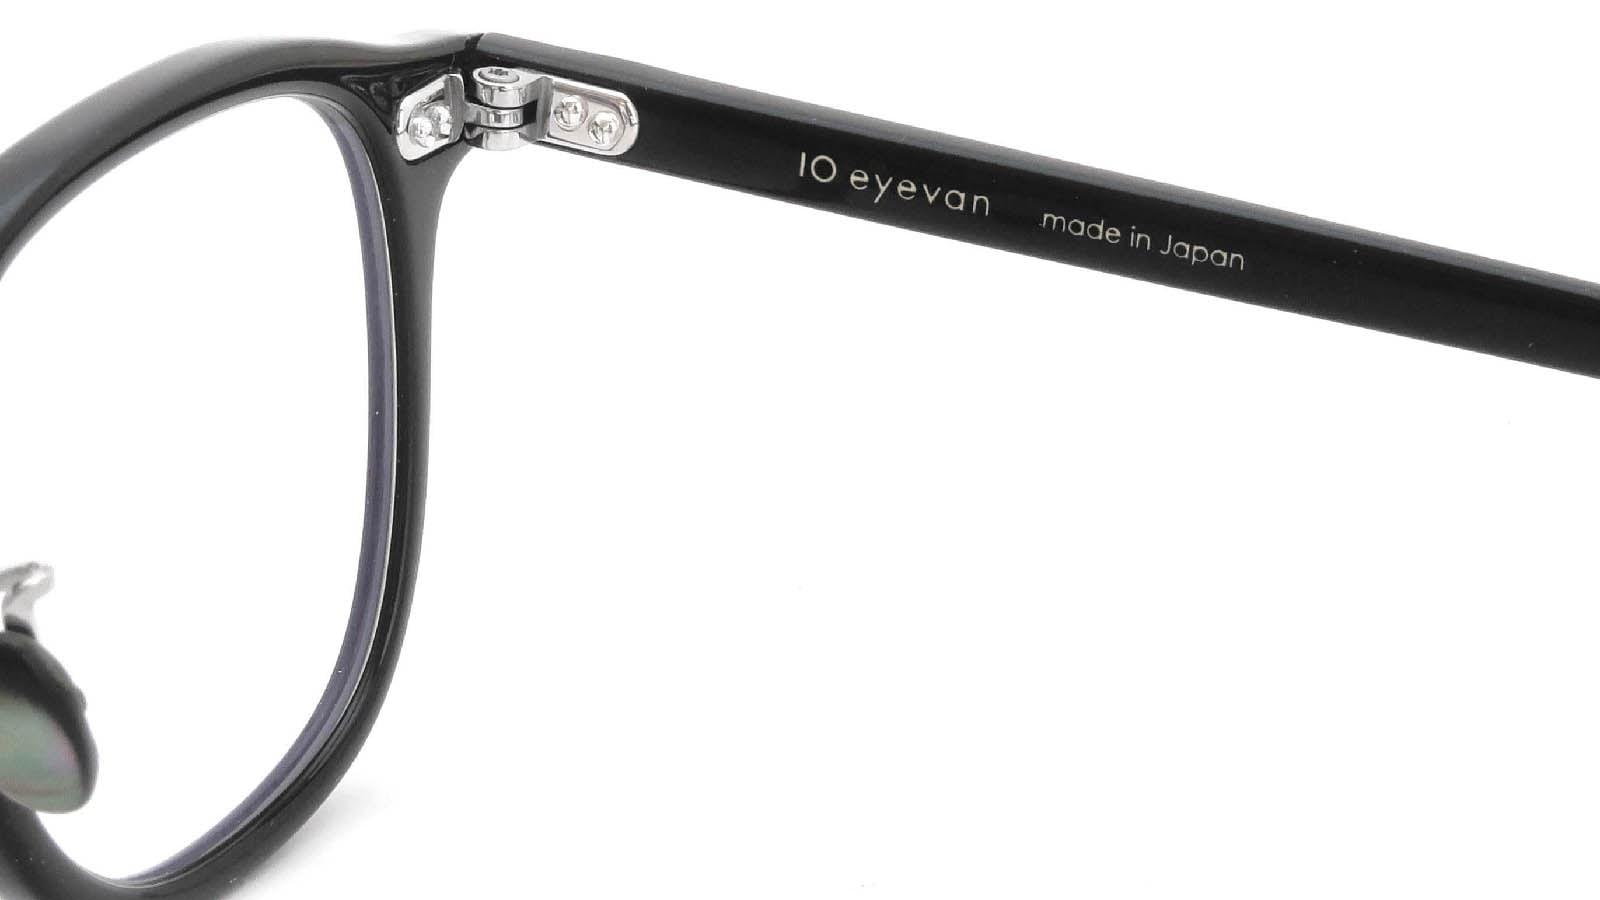 10 eyevan NO.7 Ⅲ 45size  c.1002S Black 11